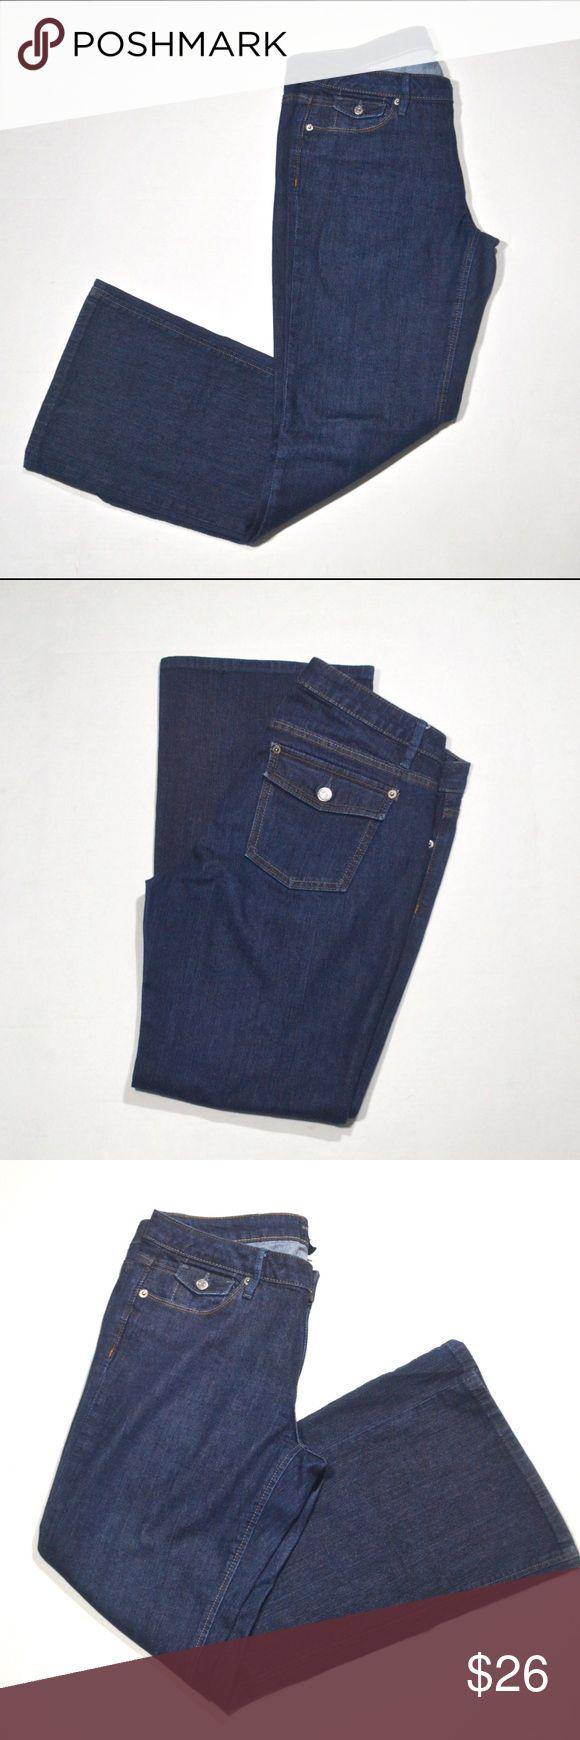 Banana Republic Boot Cut Jeans (EUC). Banana Republic Boot Cut Jeans (EUC). Size 10S Banana Republic Jeans Boot Cut